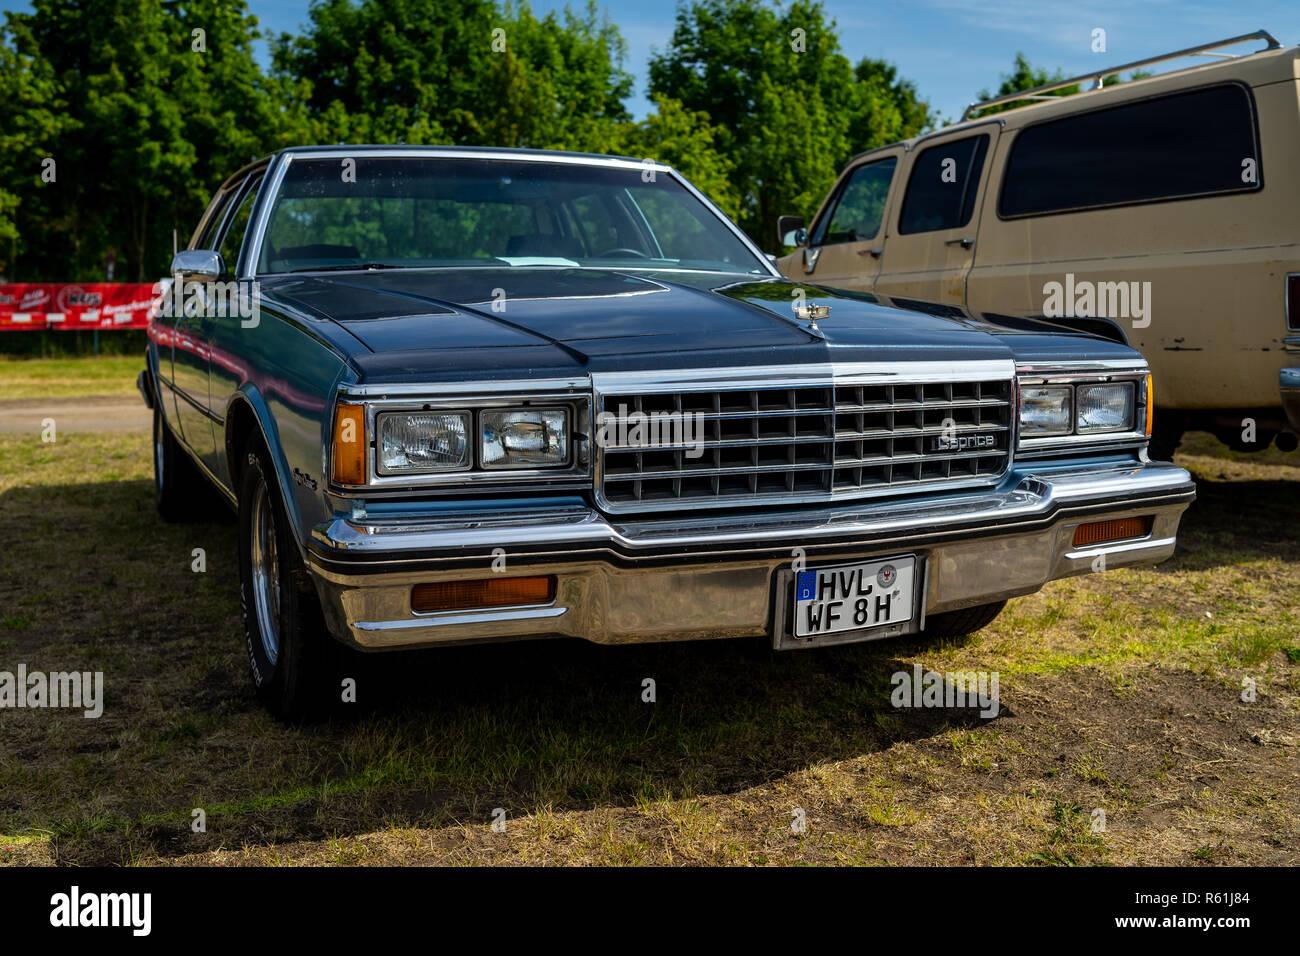 Chevrolet Caprice Stock Photos & Chevrolet Caprice Stock